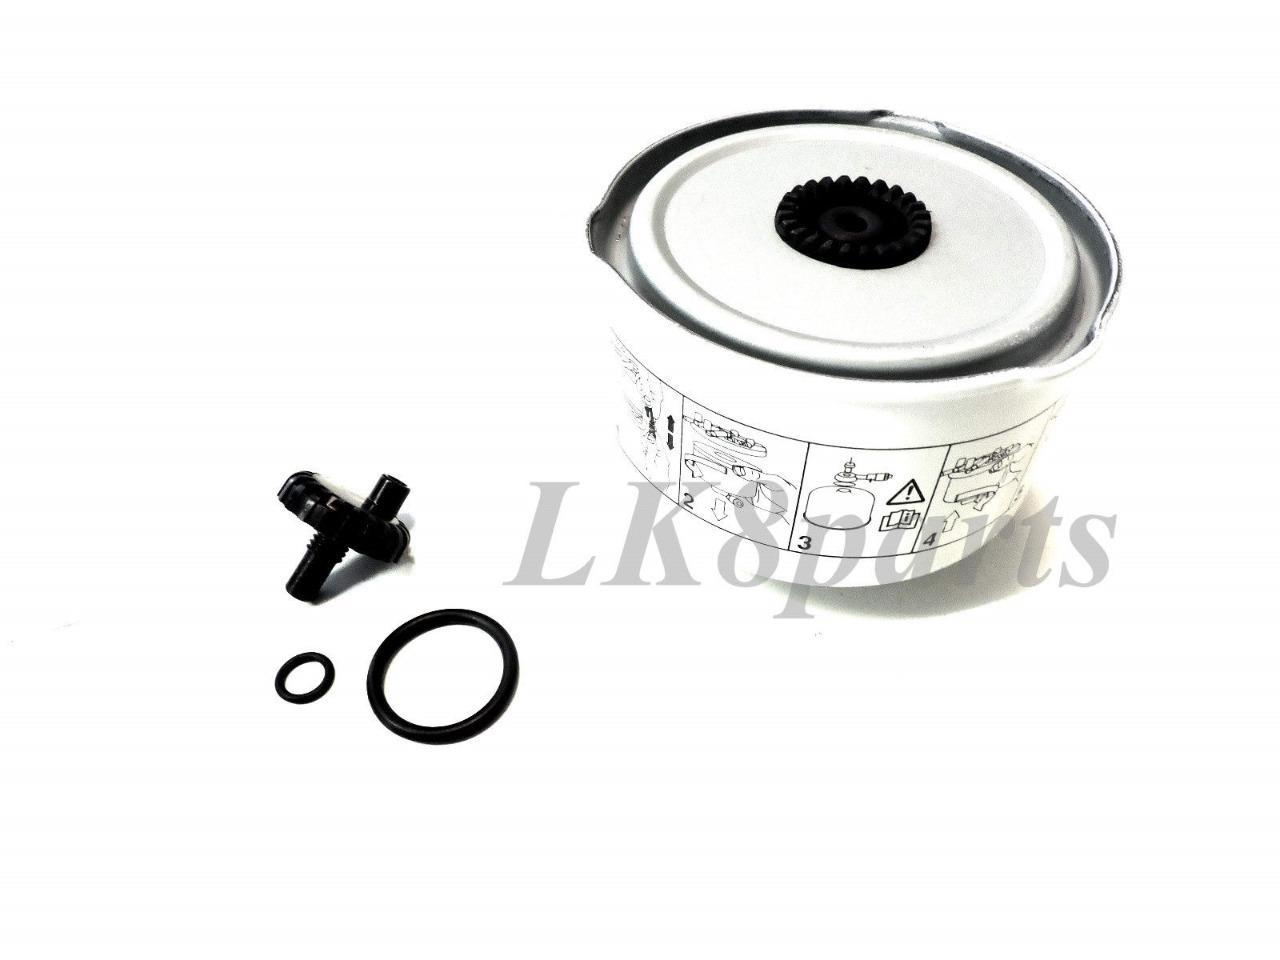 hight resolution of details about land rover range sport lr3 lr4 09 13 fuel filter lion diesel lr009705 new